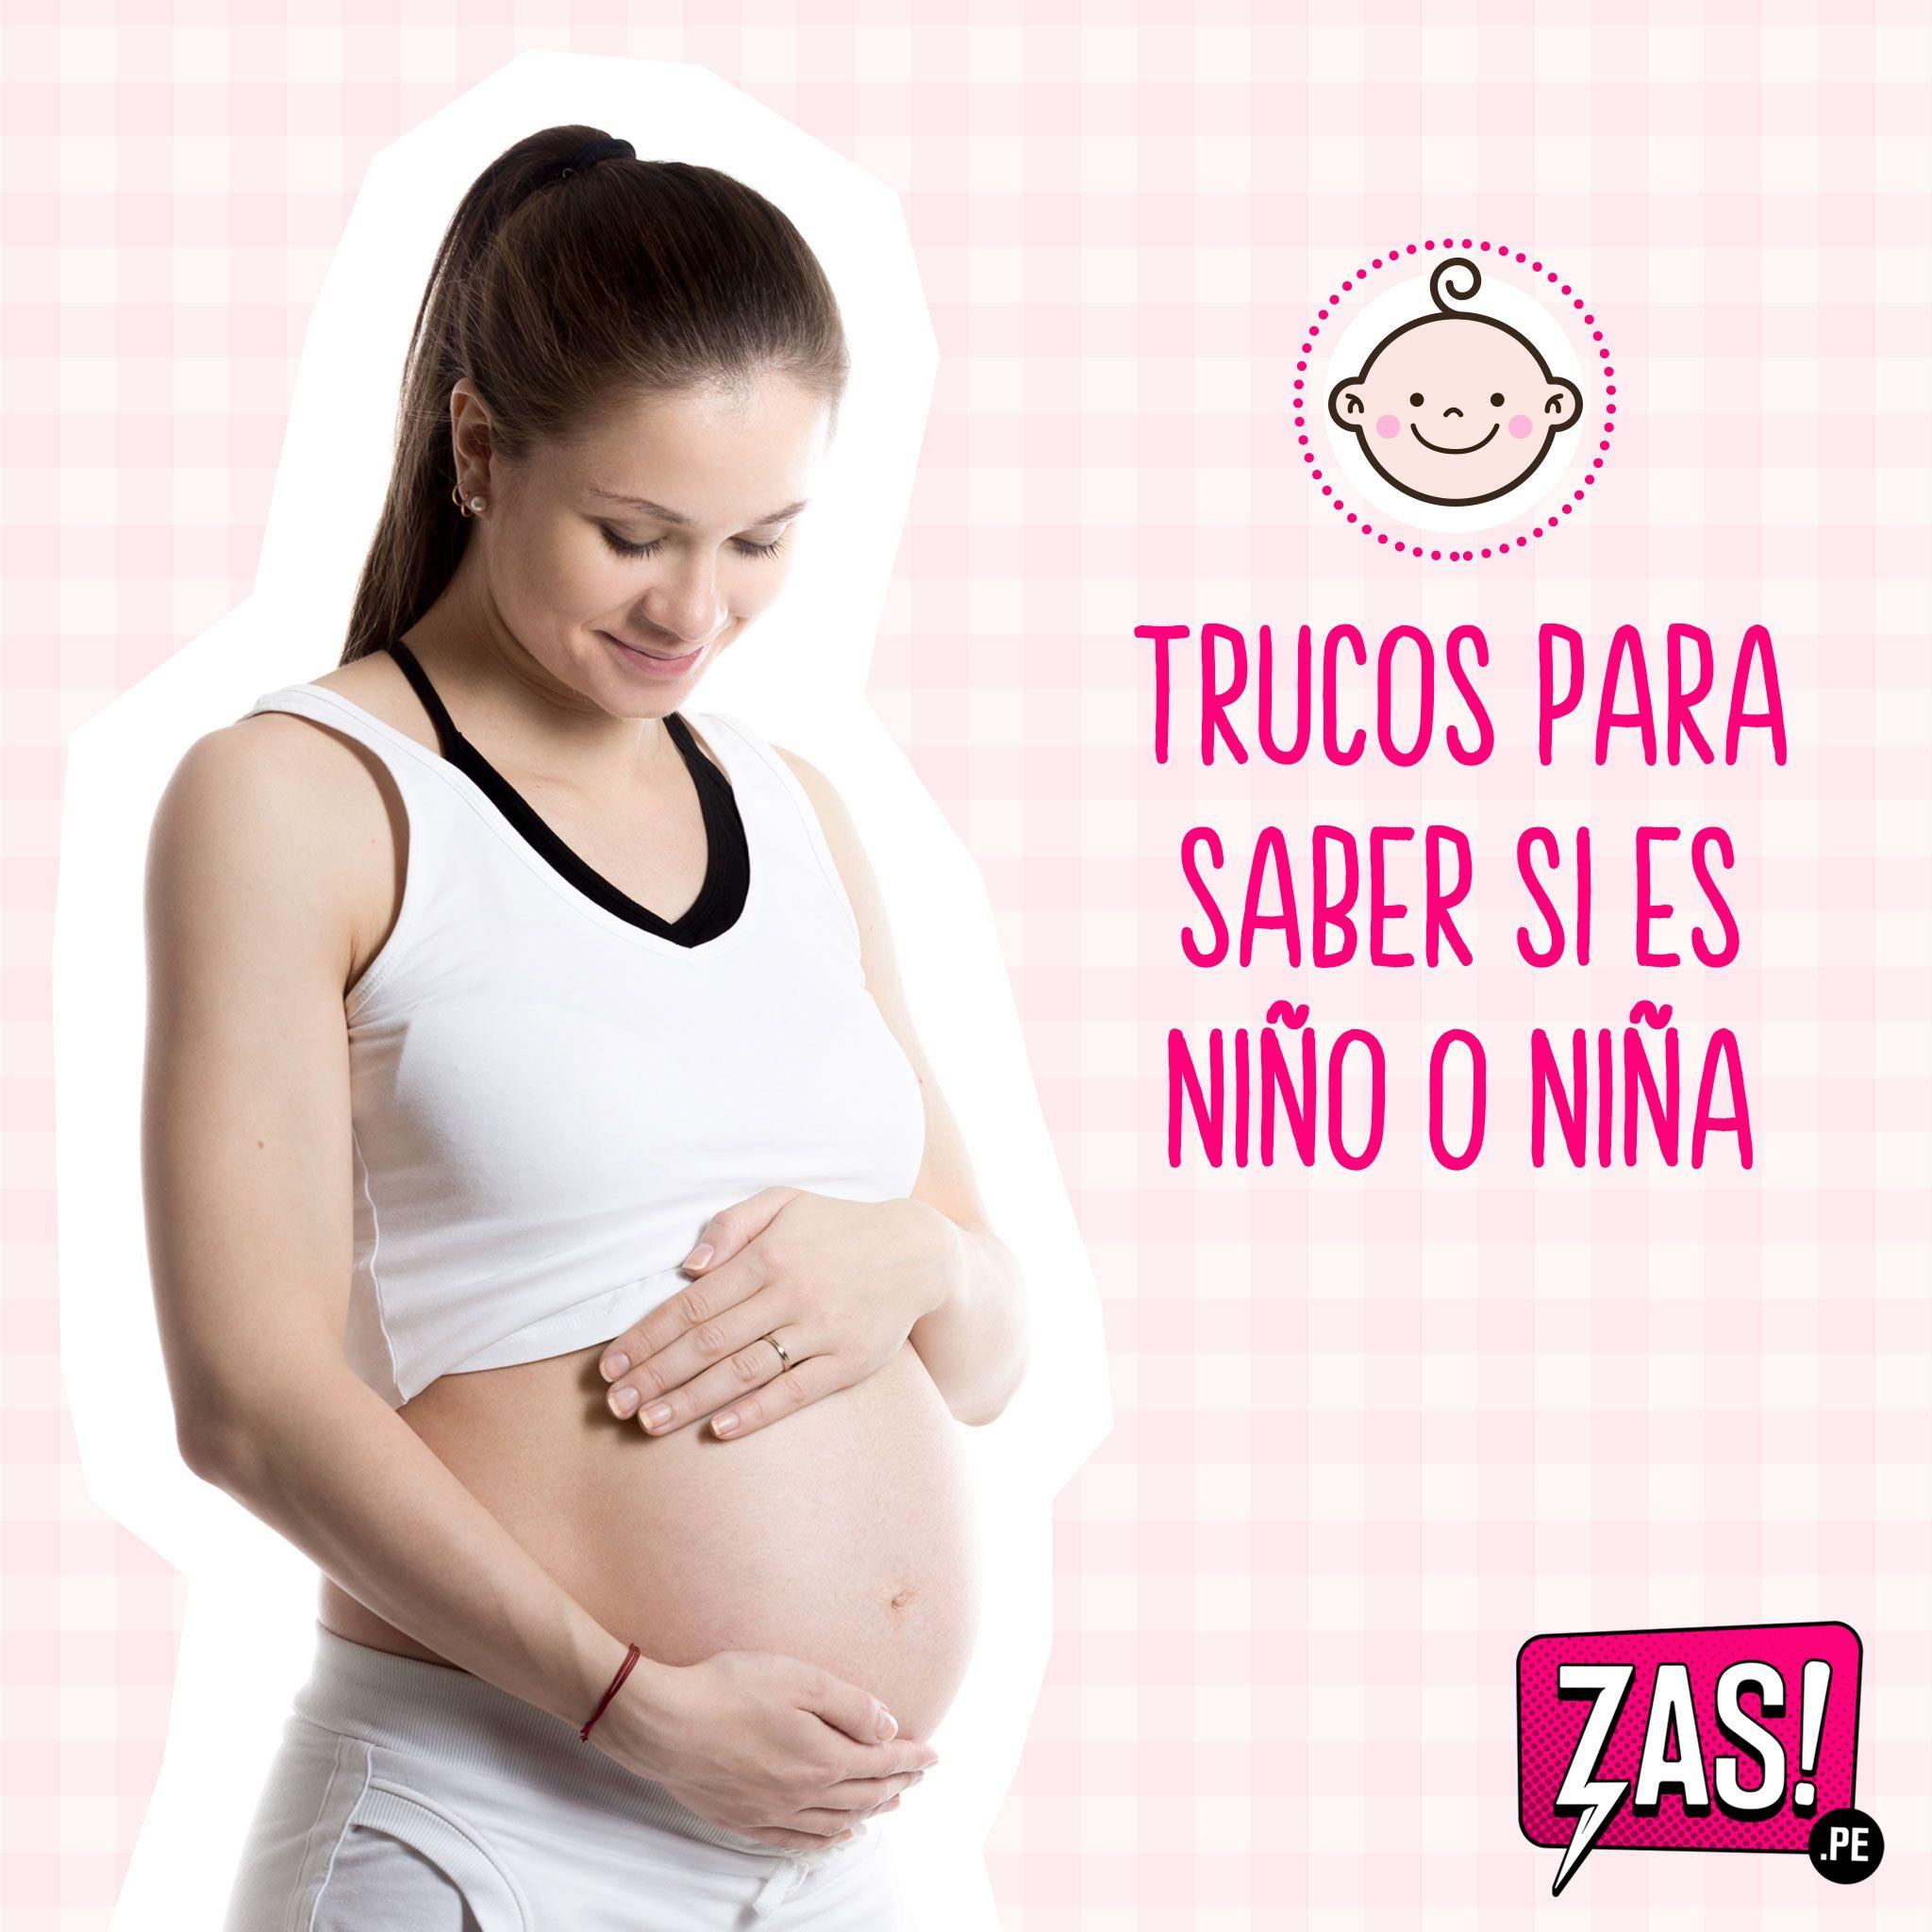 embarazo cuando sabes si es niño o niña